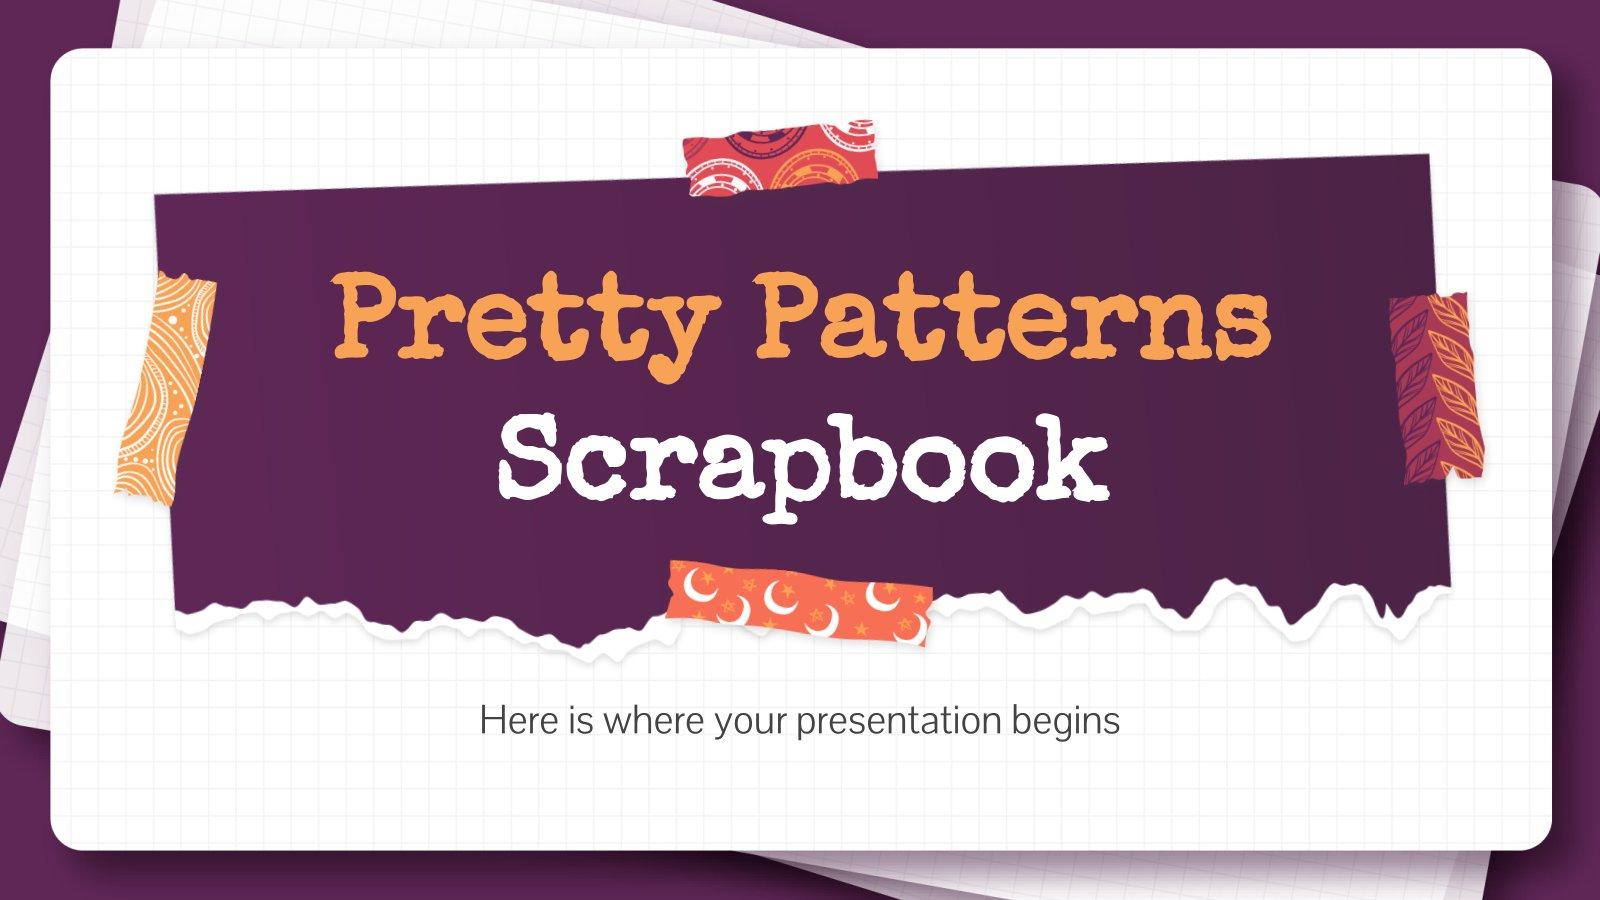 Scrapbooking avec des jolis motifs : Modèles de présentation